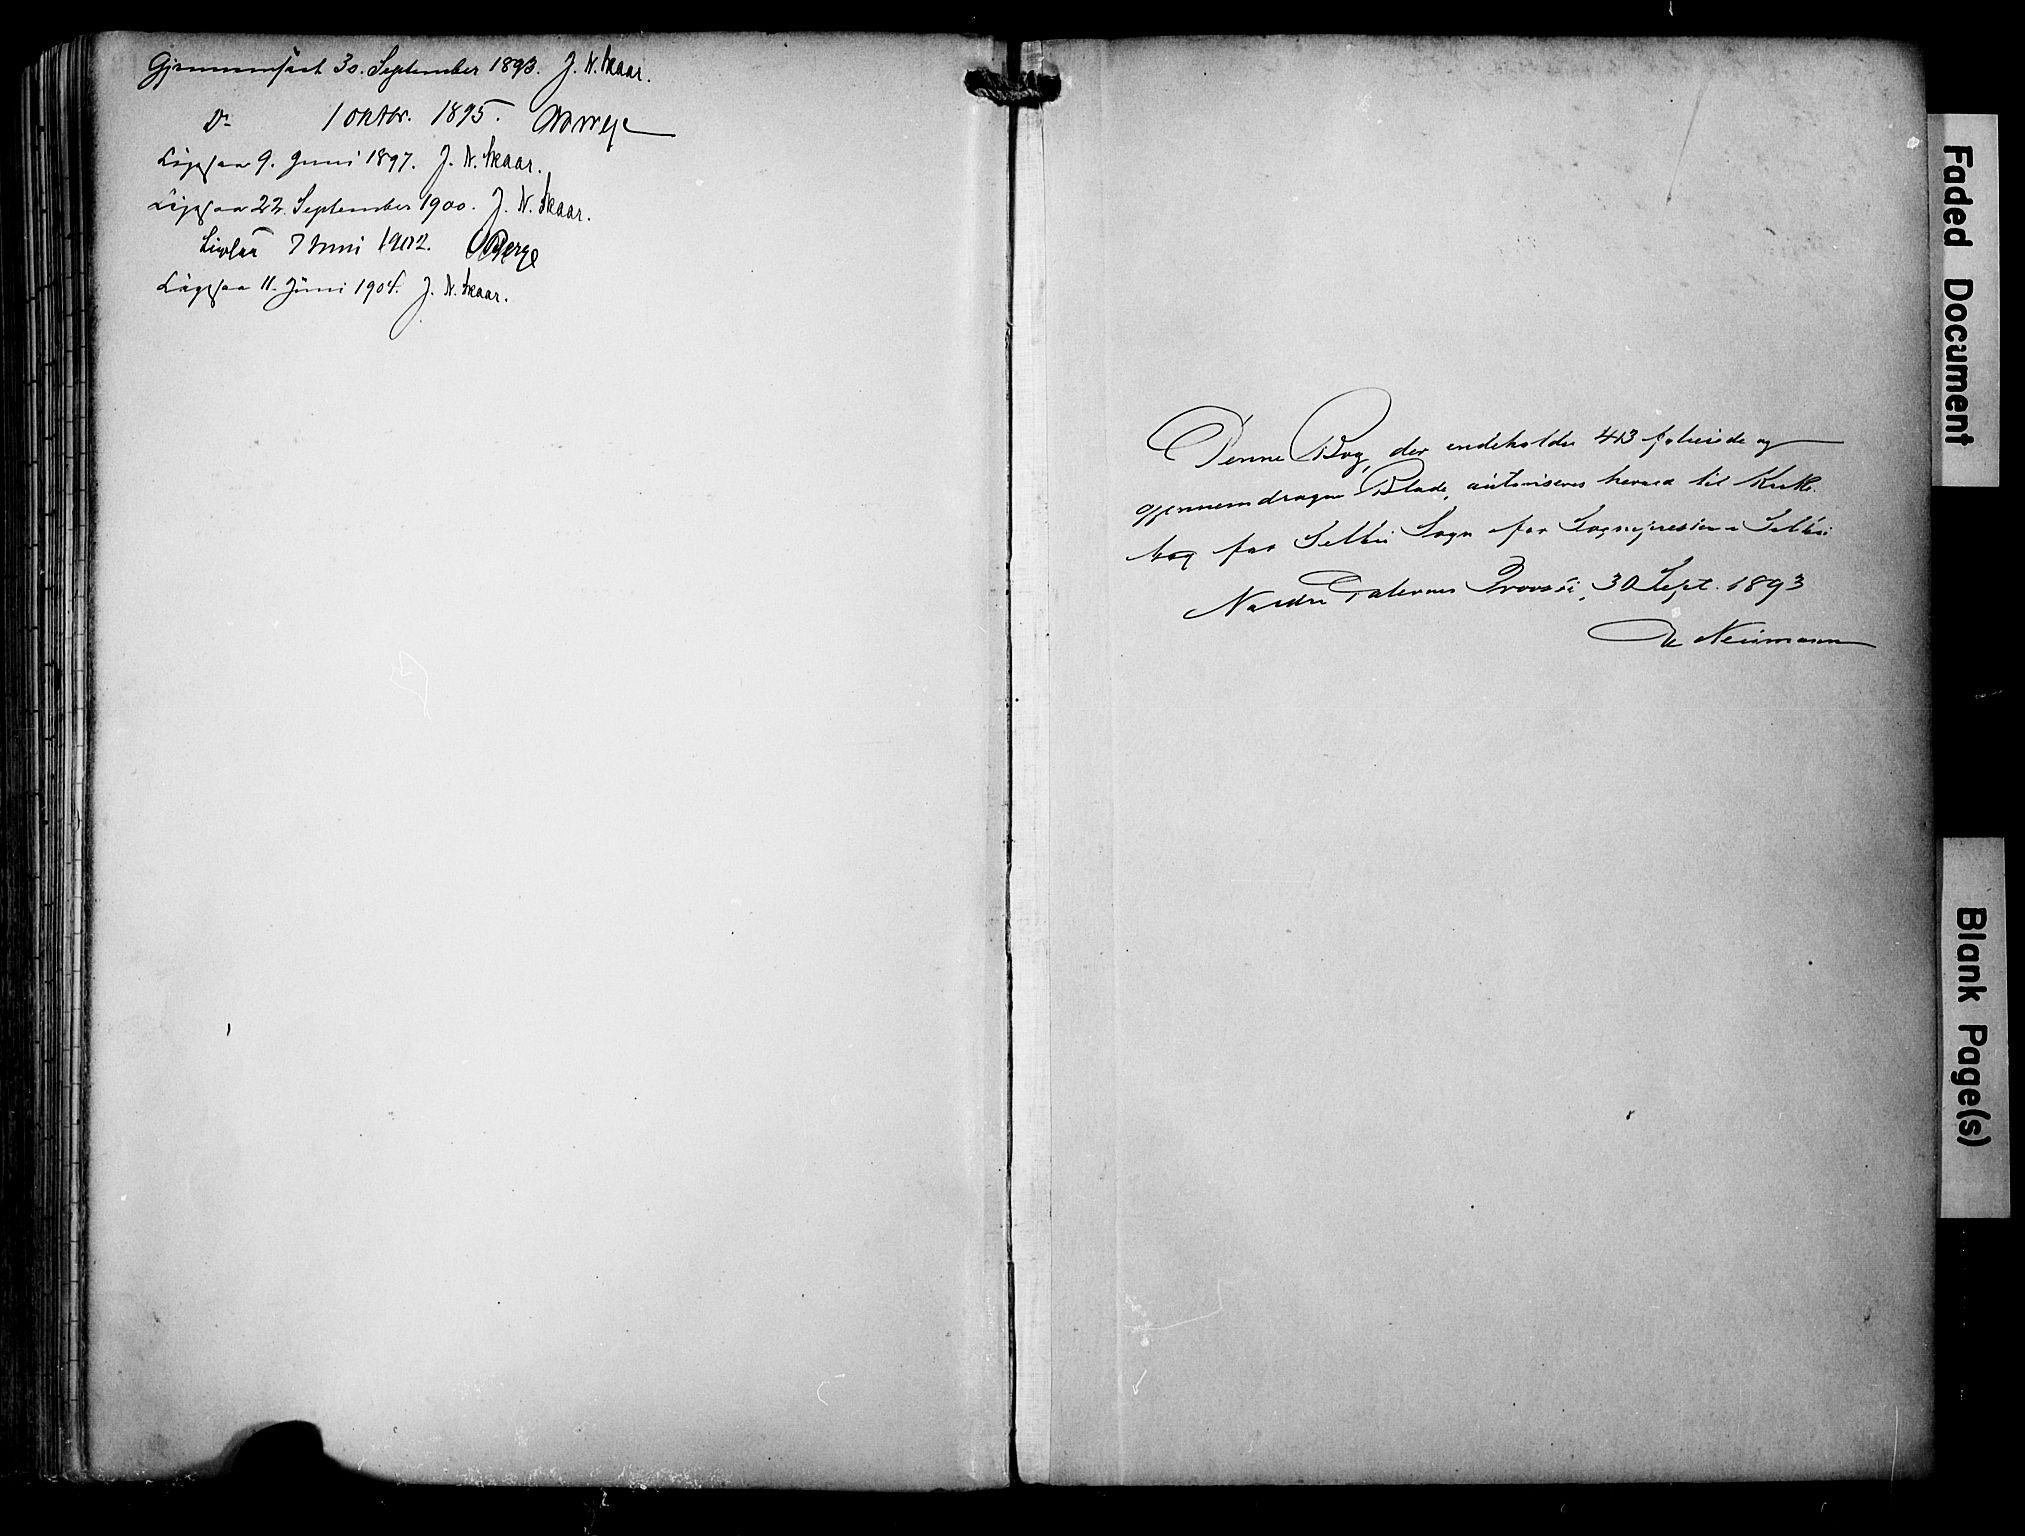 SAT, Ministerialprotokoller, klokkerbøker og fødselsregistre - Sør-Trøndelag, 695/L1149: Ministerialbok nr. 695A09, 1891-1902